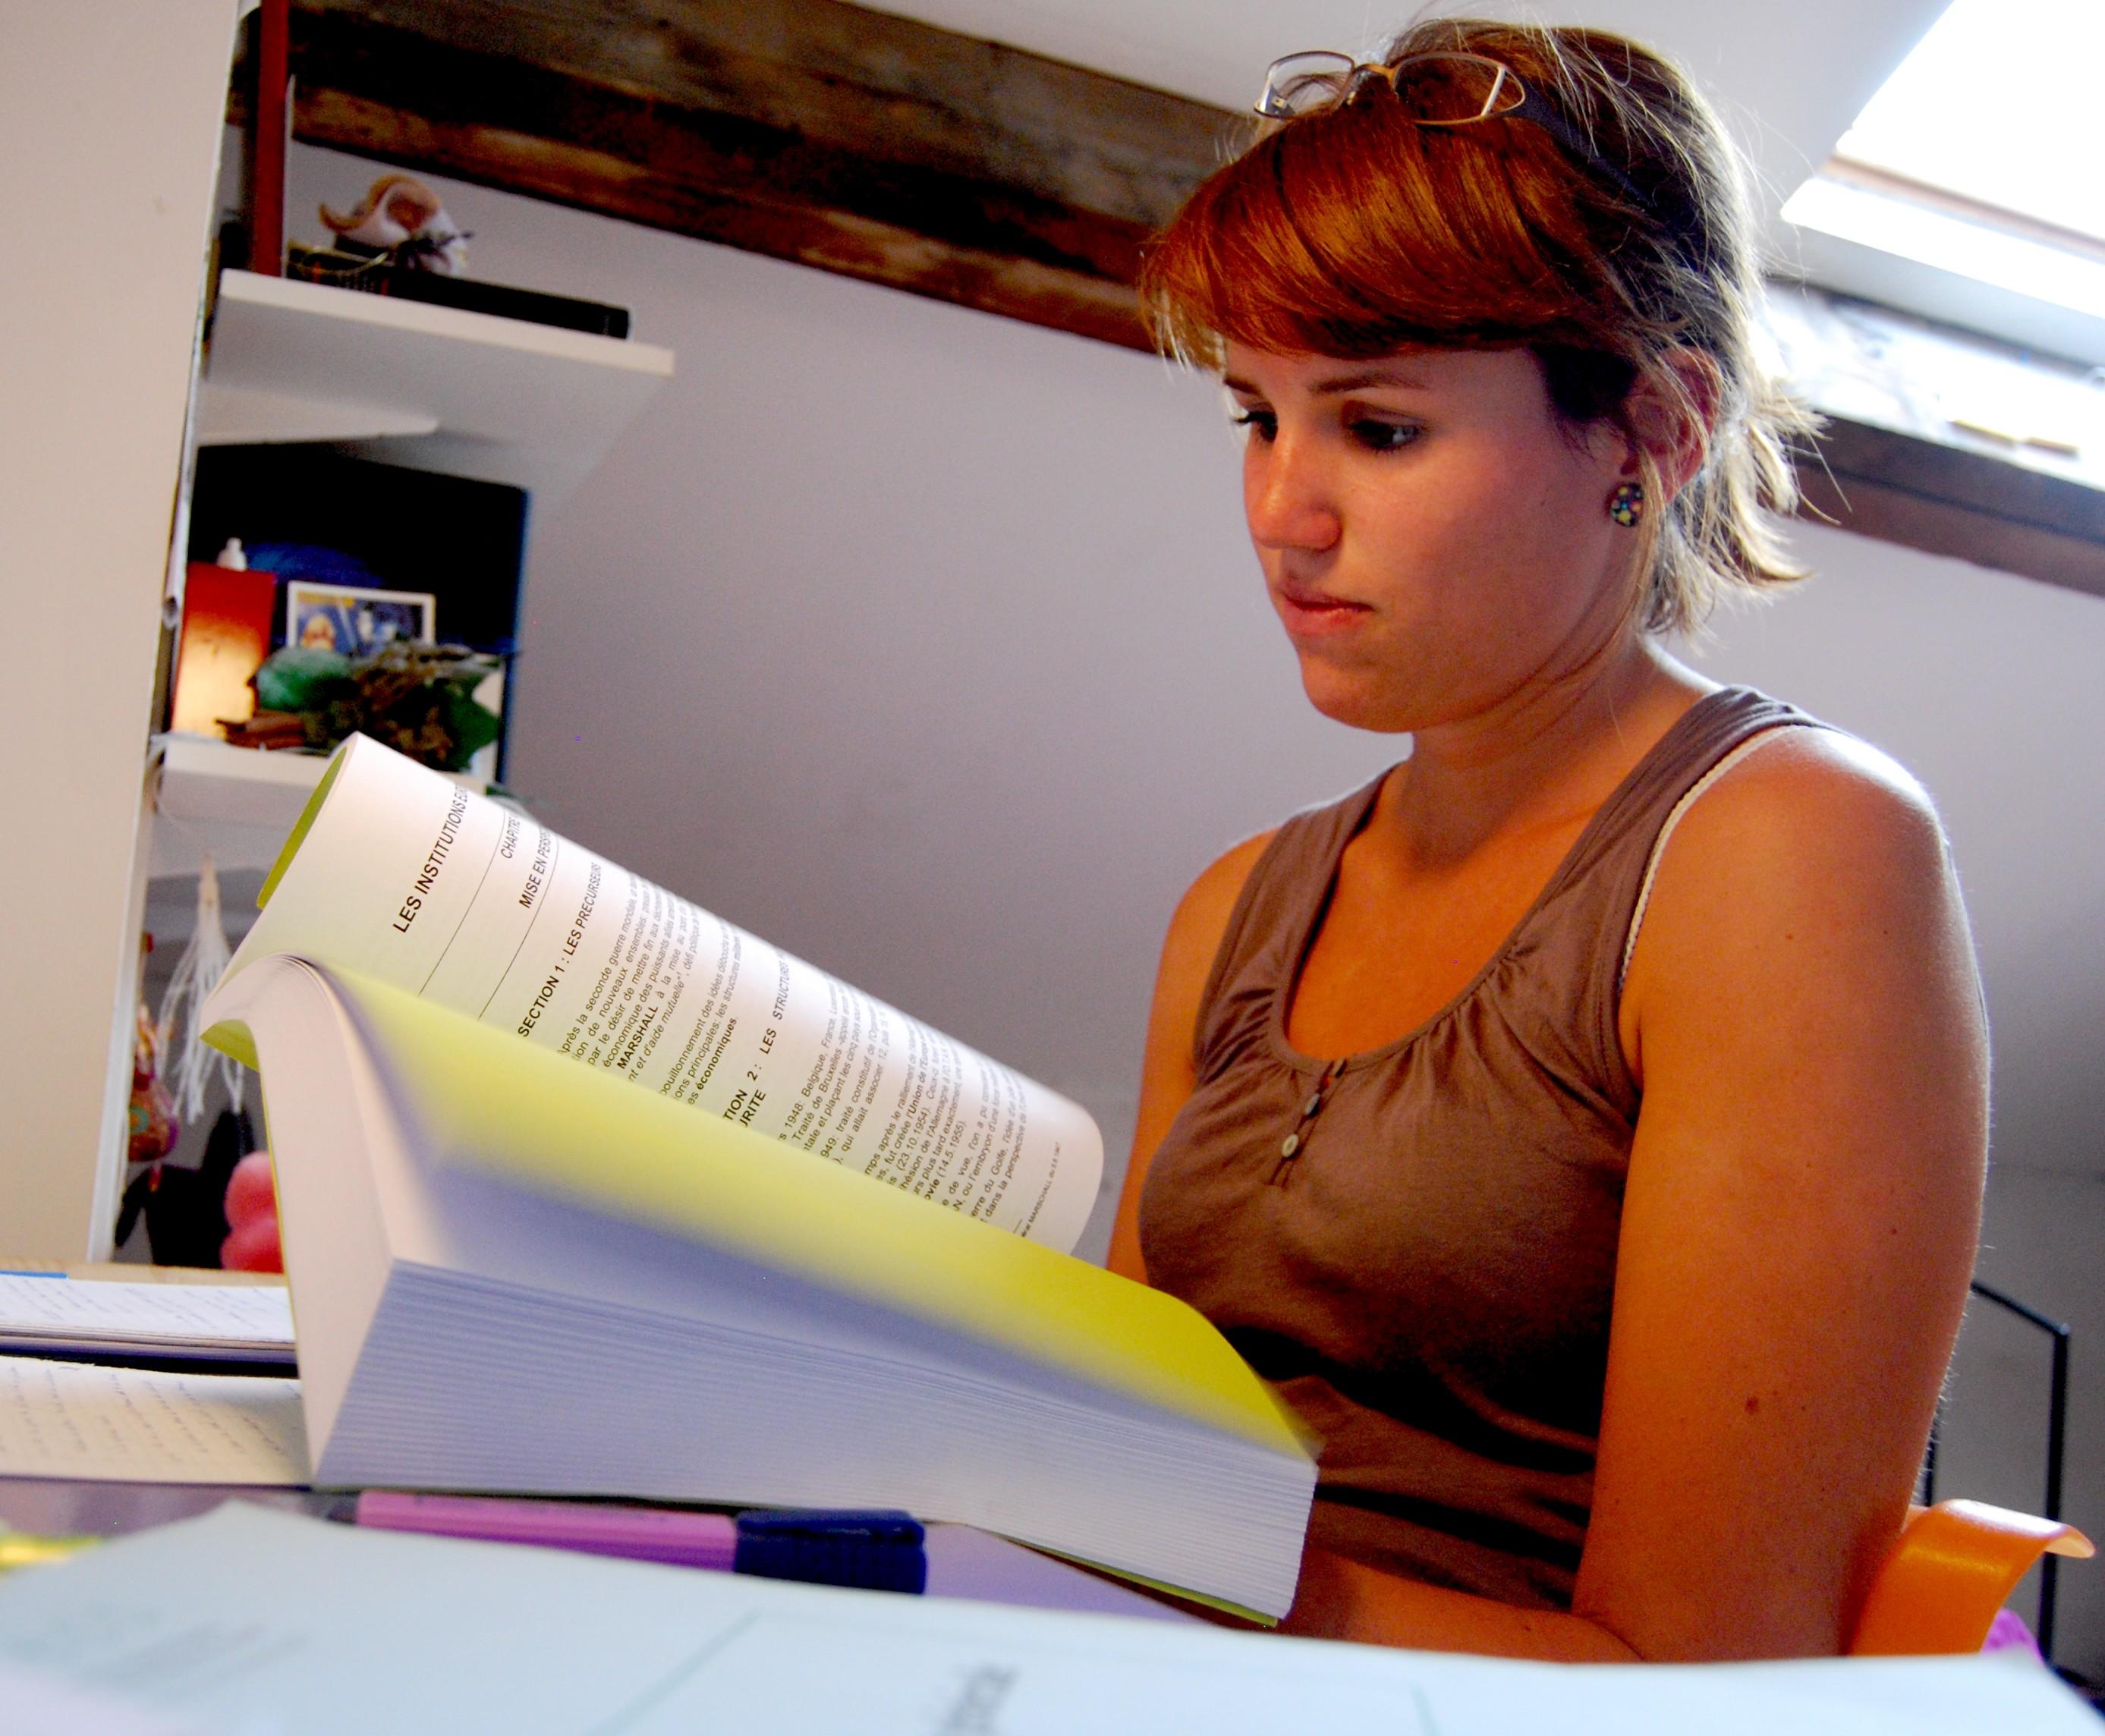 examens et rattrapages  abordez les sereinement et sans stress